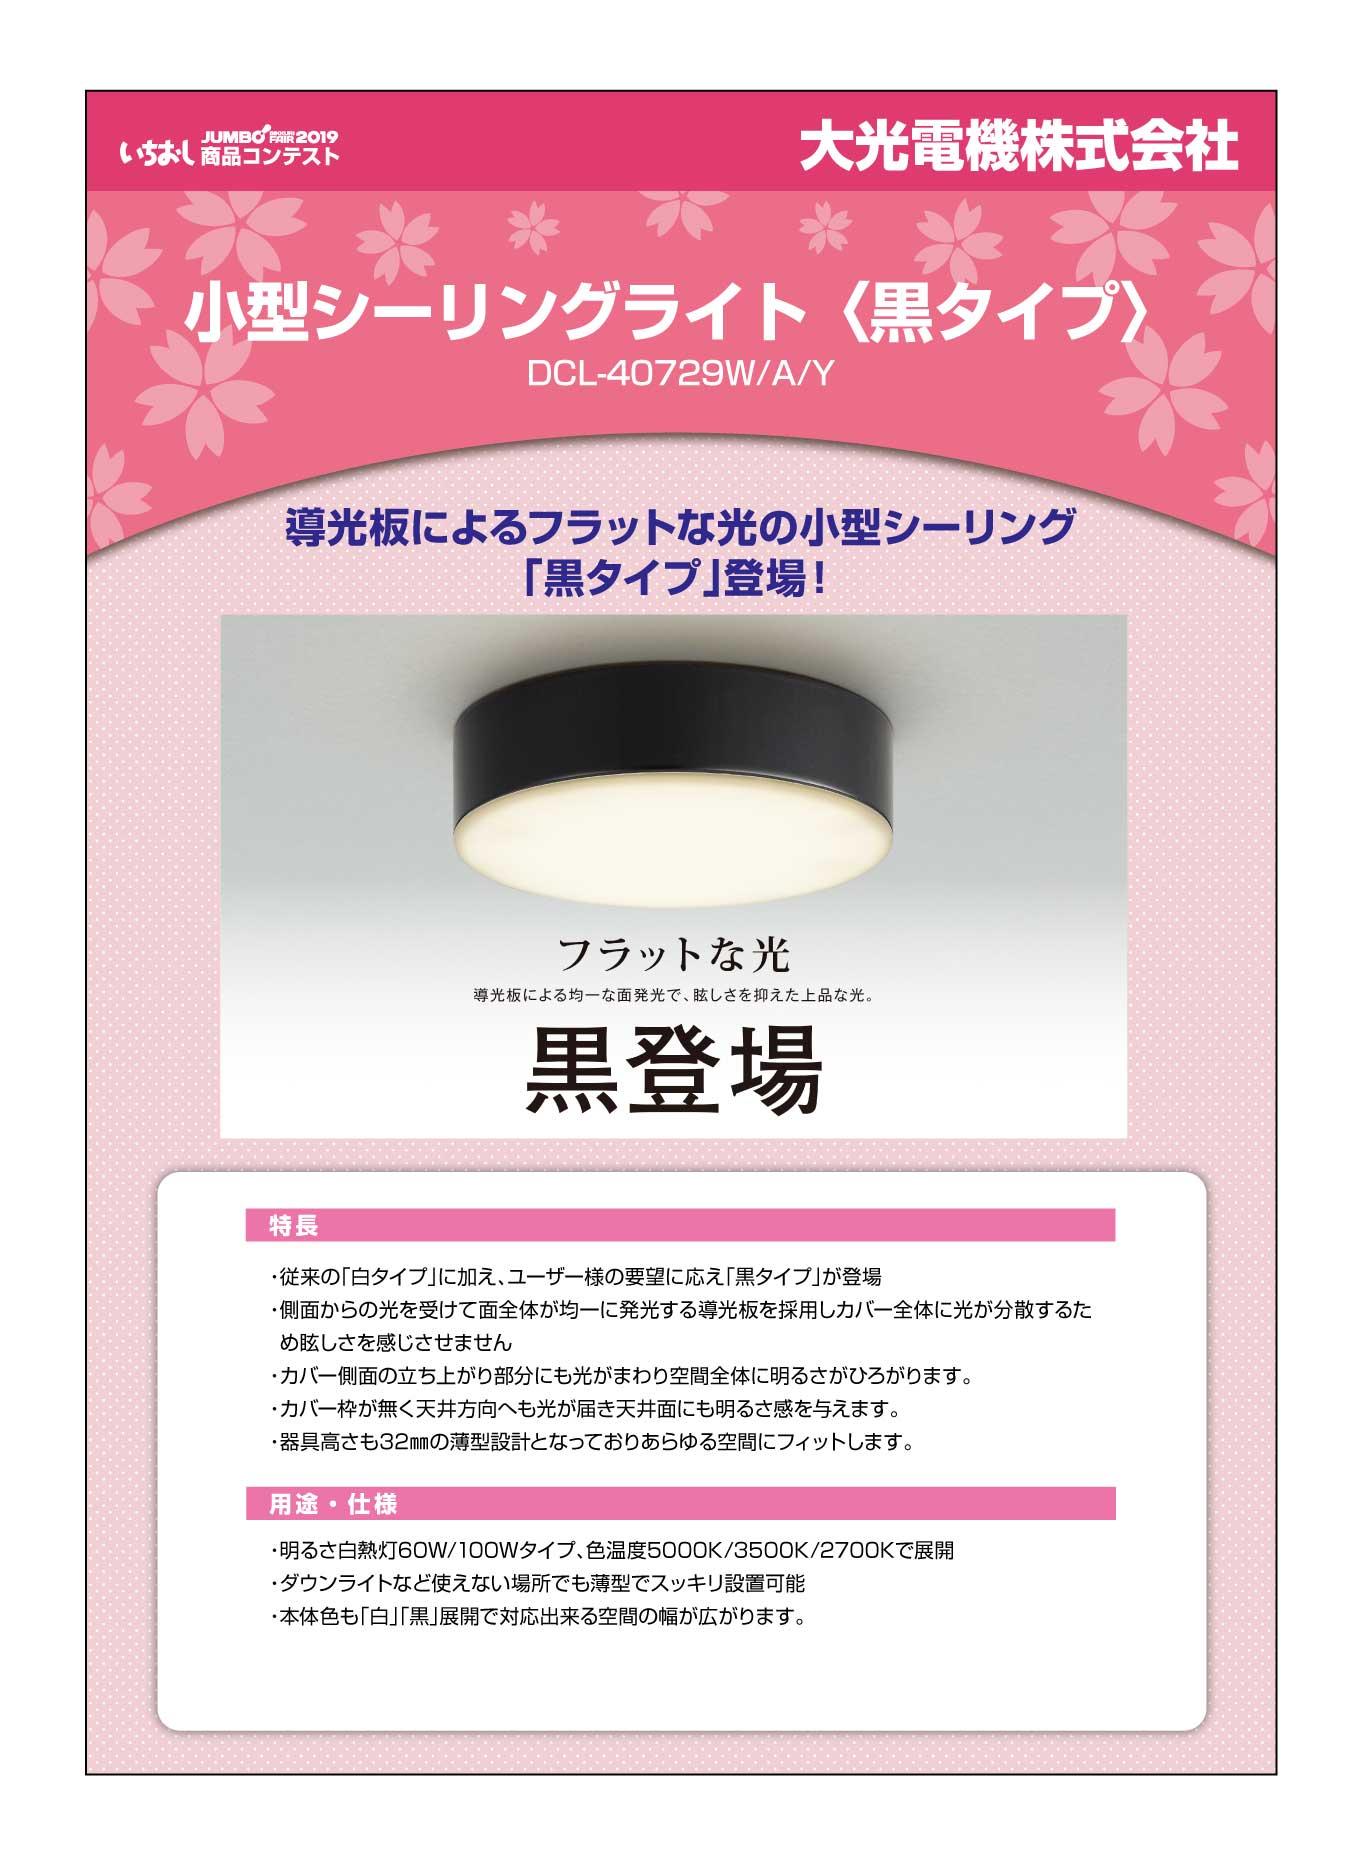 「小型シーリングライト〈黒タイプ〉」大光電機株式会社の画像